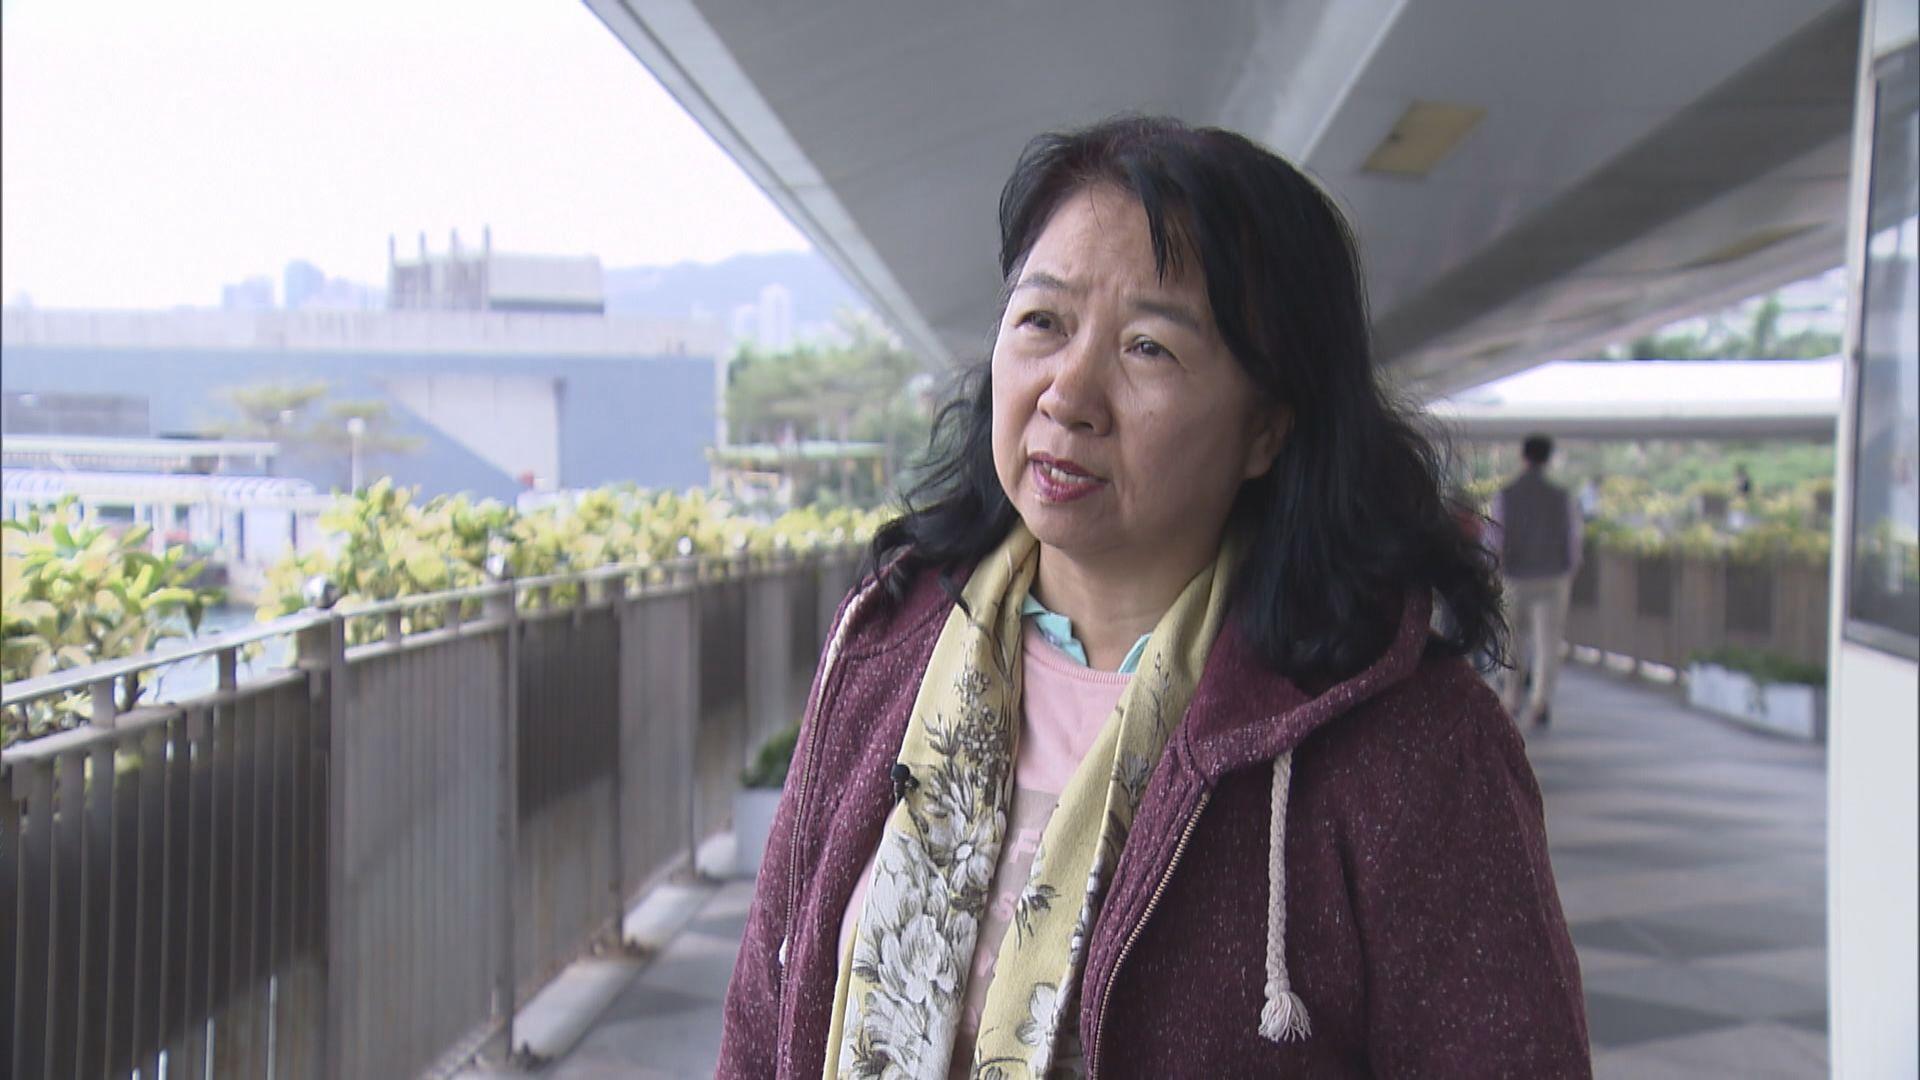 鄭麗琼獲准保釋 離開警署時無回應記者提問